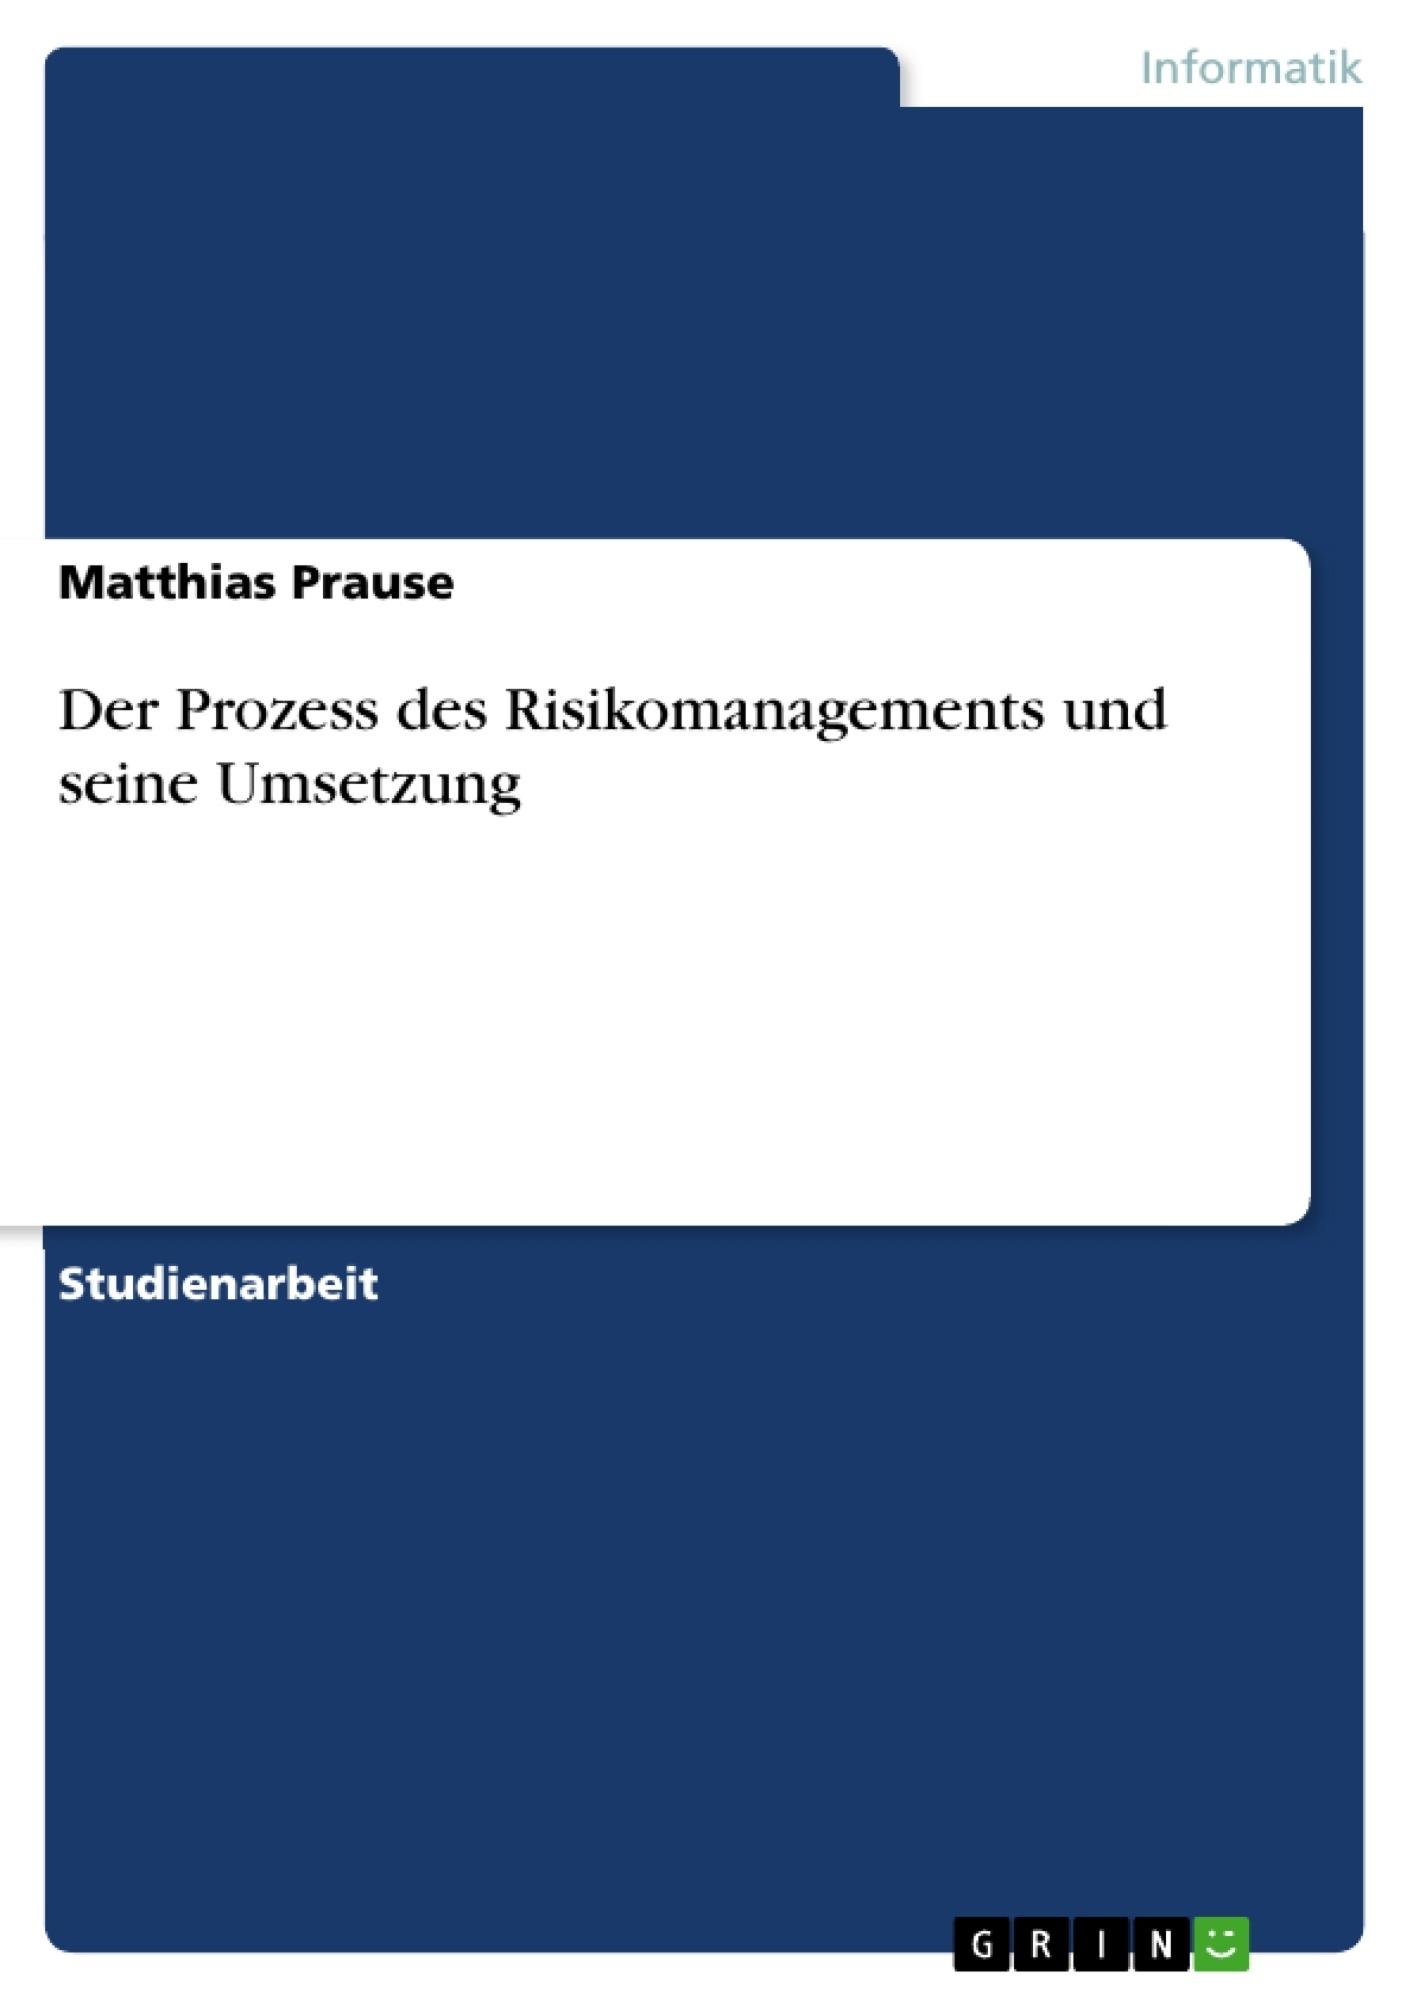 Titel: Der Prozess des Risikomanagements  und seine Umsetzung